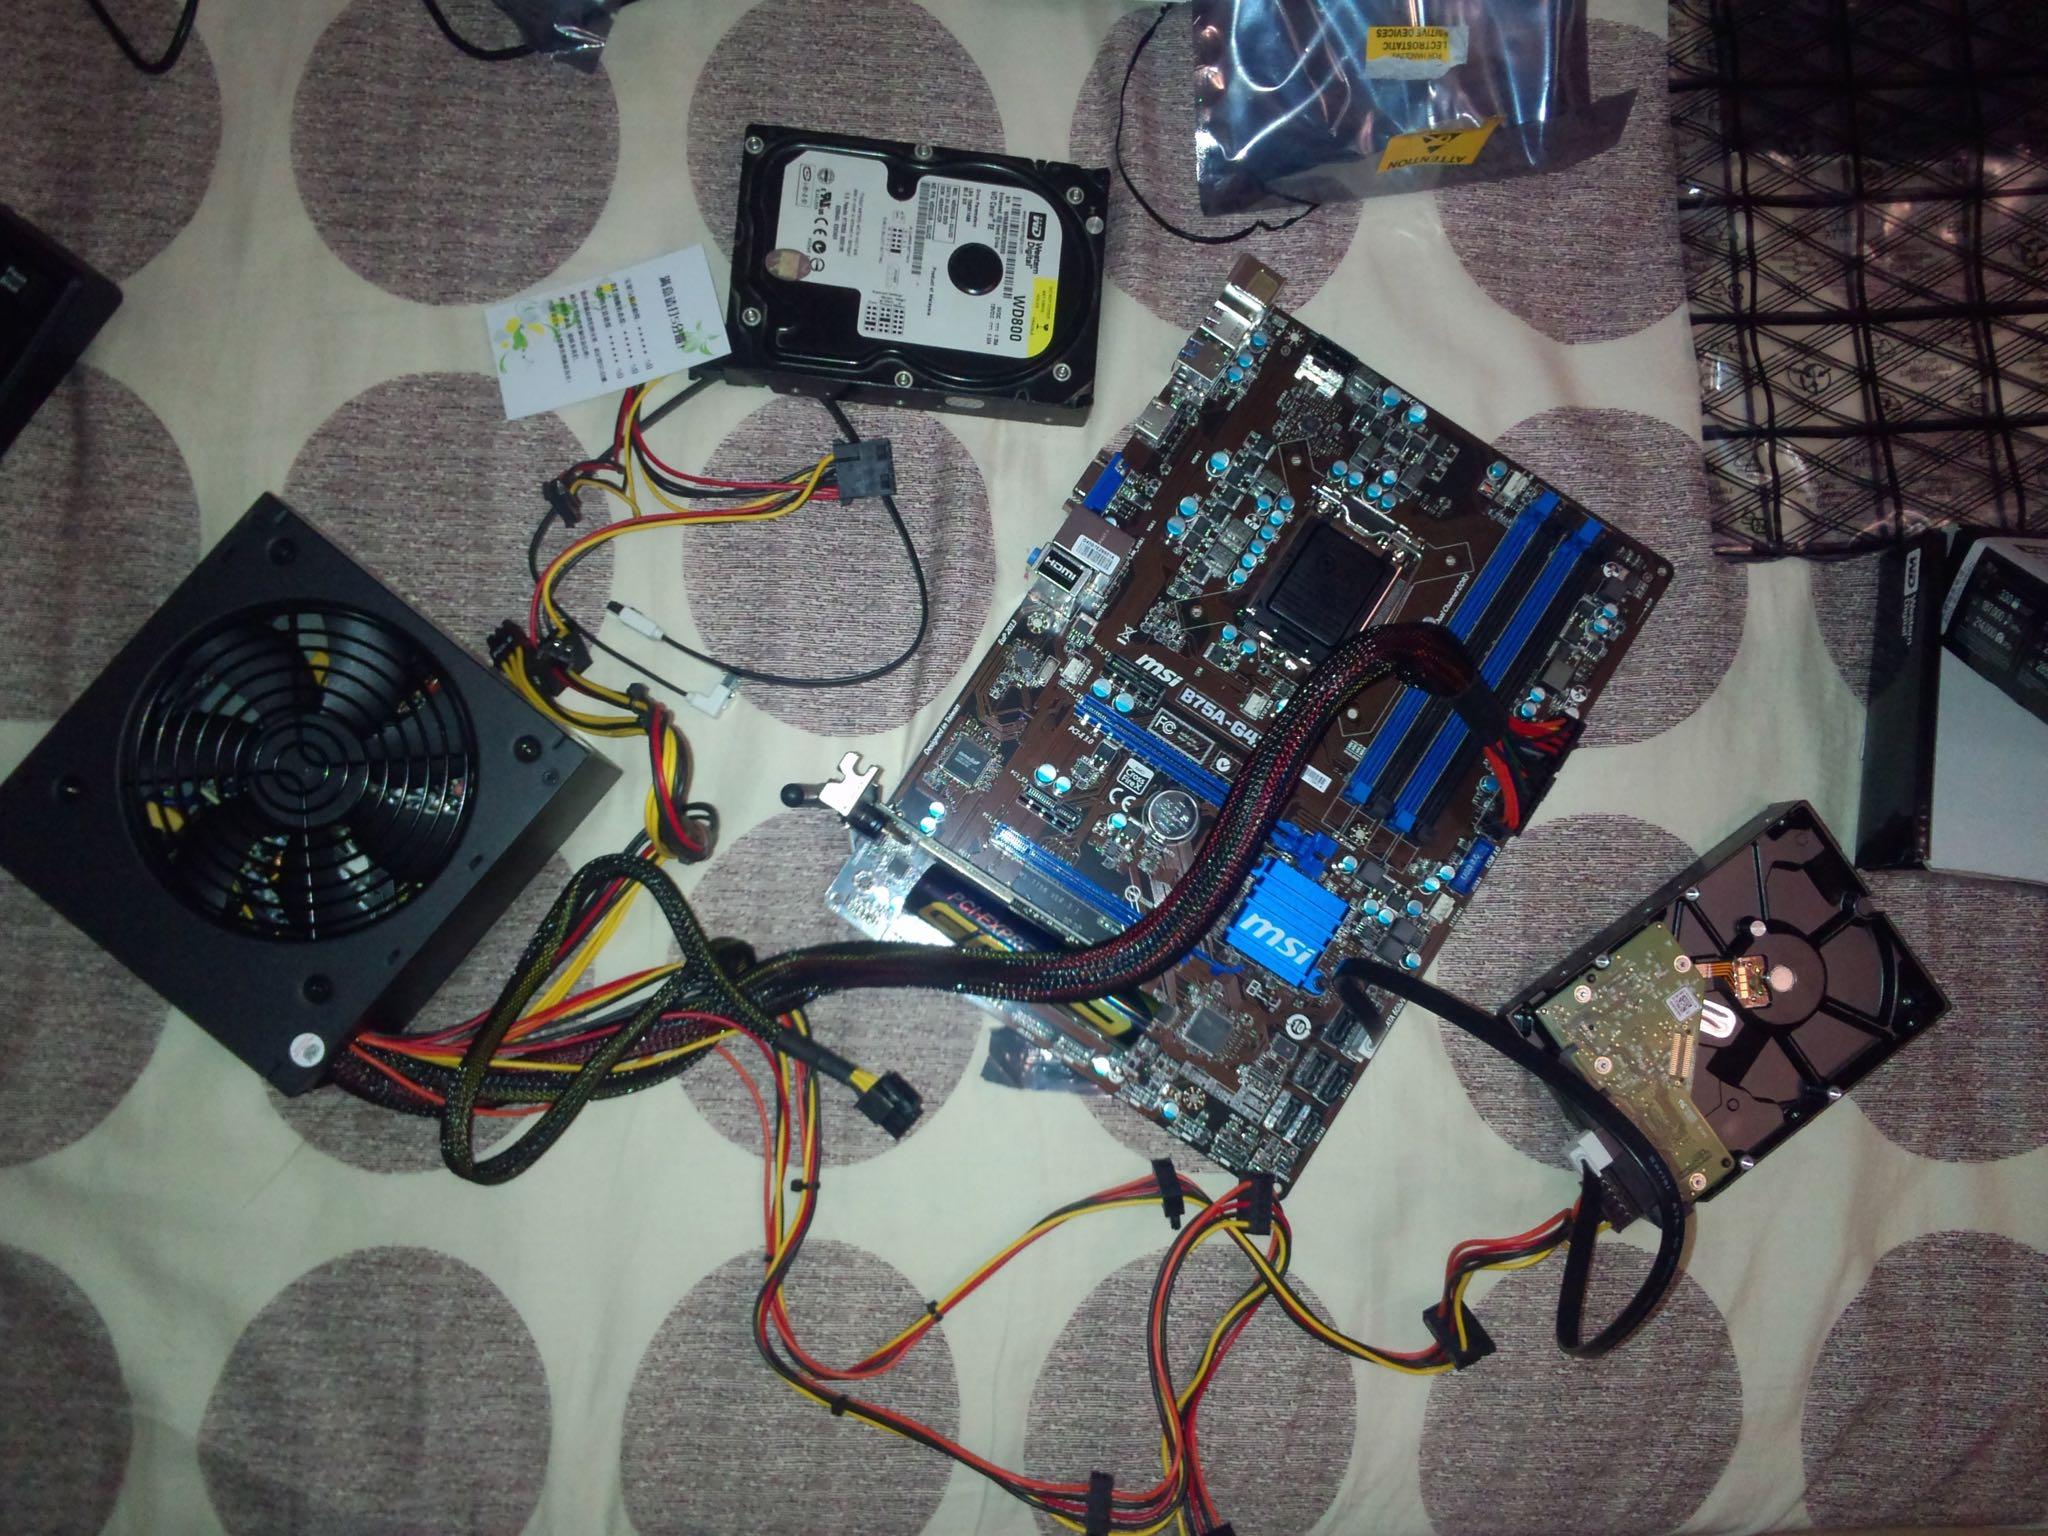 主板、硬盘、电源、网卡